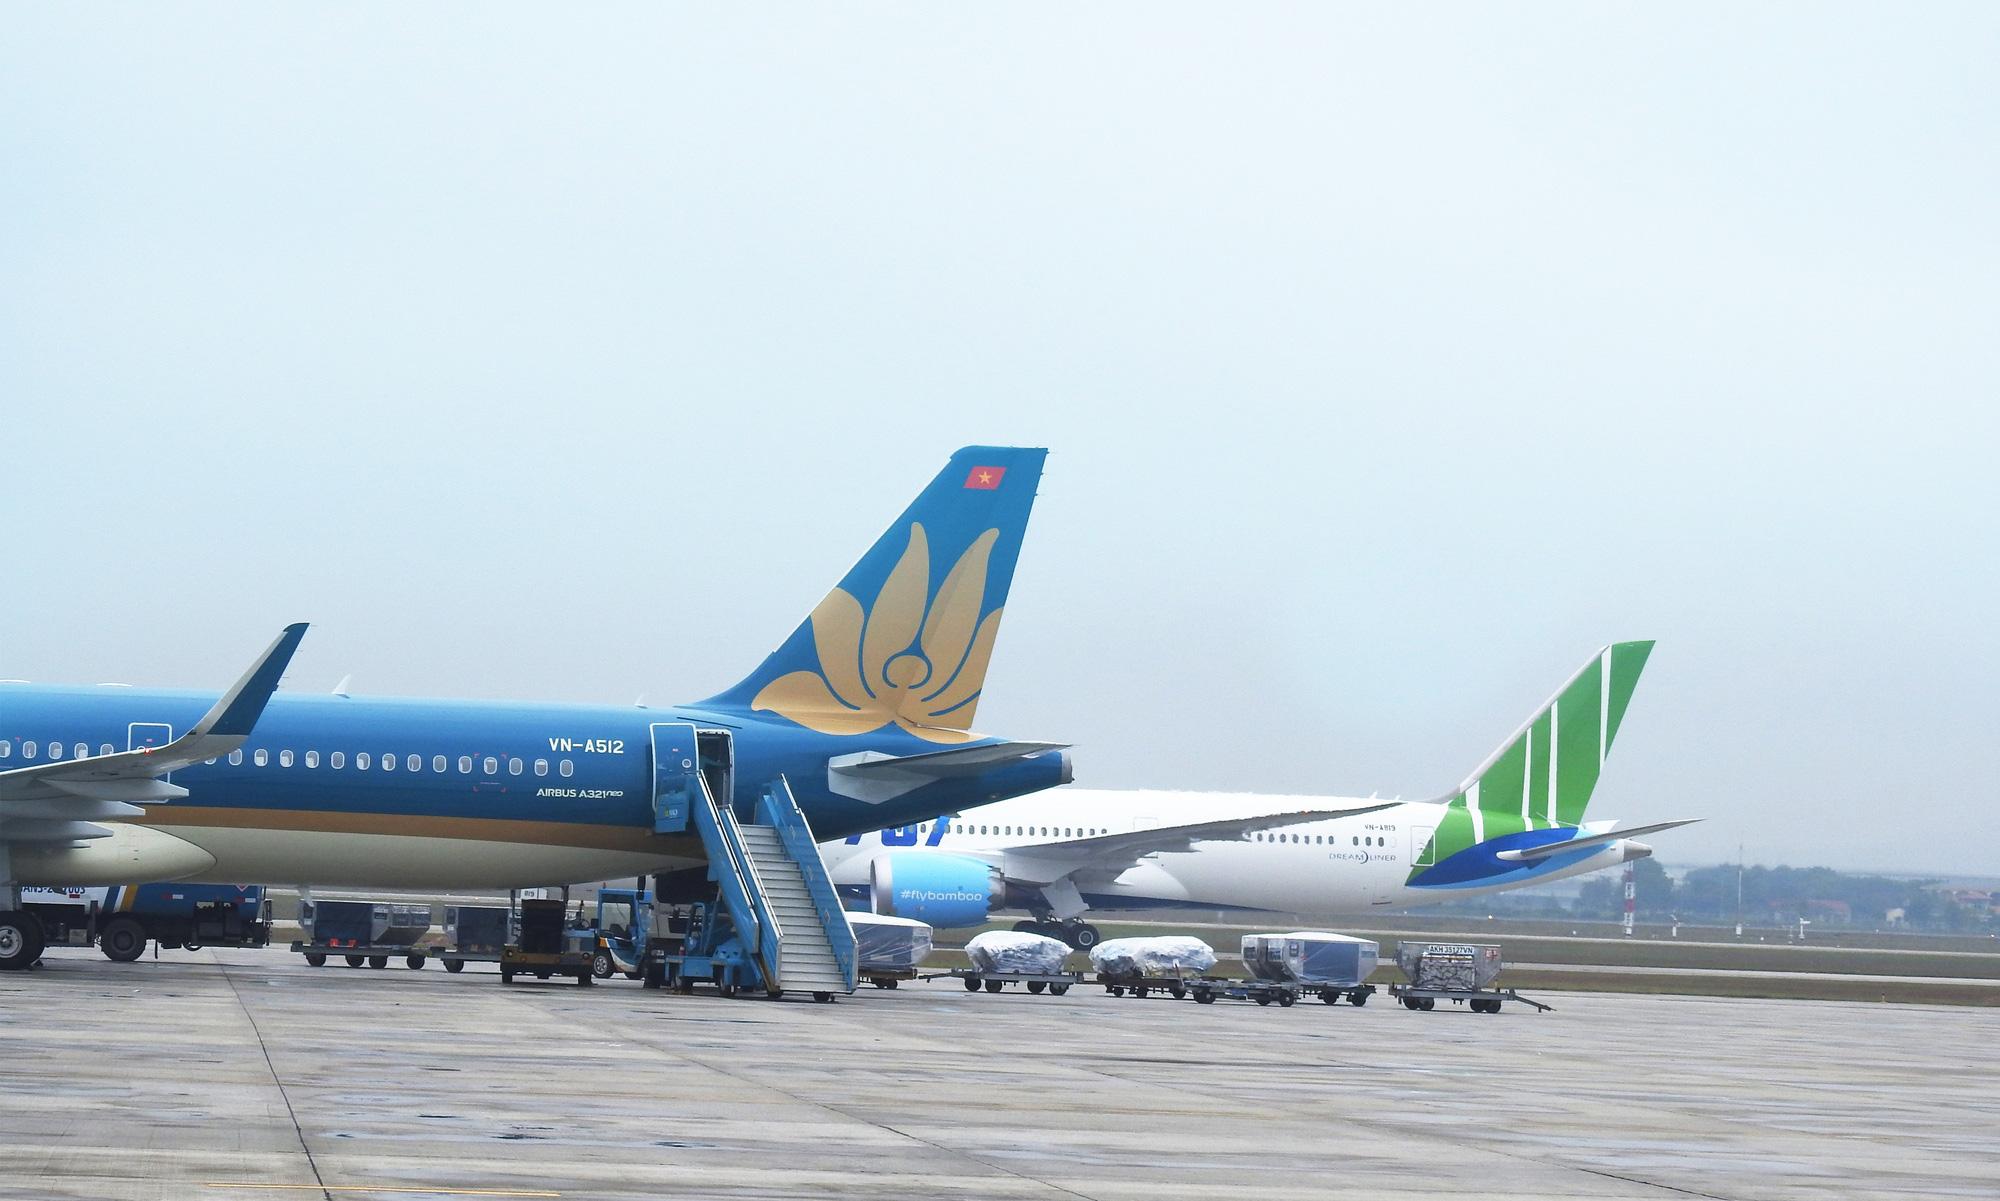 19 đường bay với Trung Quốc bị dừng, Vietnam Airlines tăng chuyến chặng Hà Nội - TP HCM và muốn cho thuê bớt tàu bay - Ảnh 1.